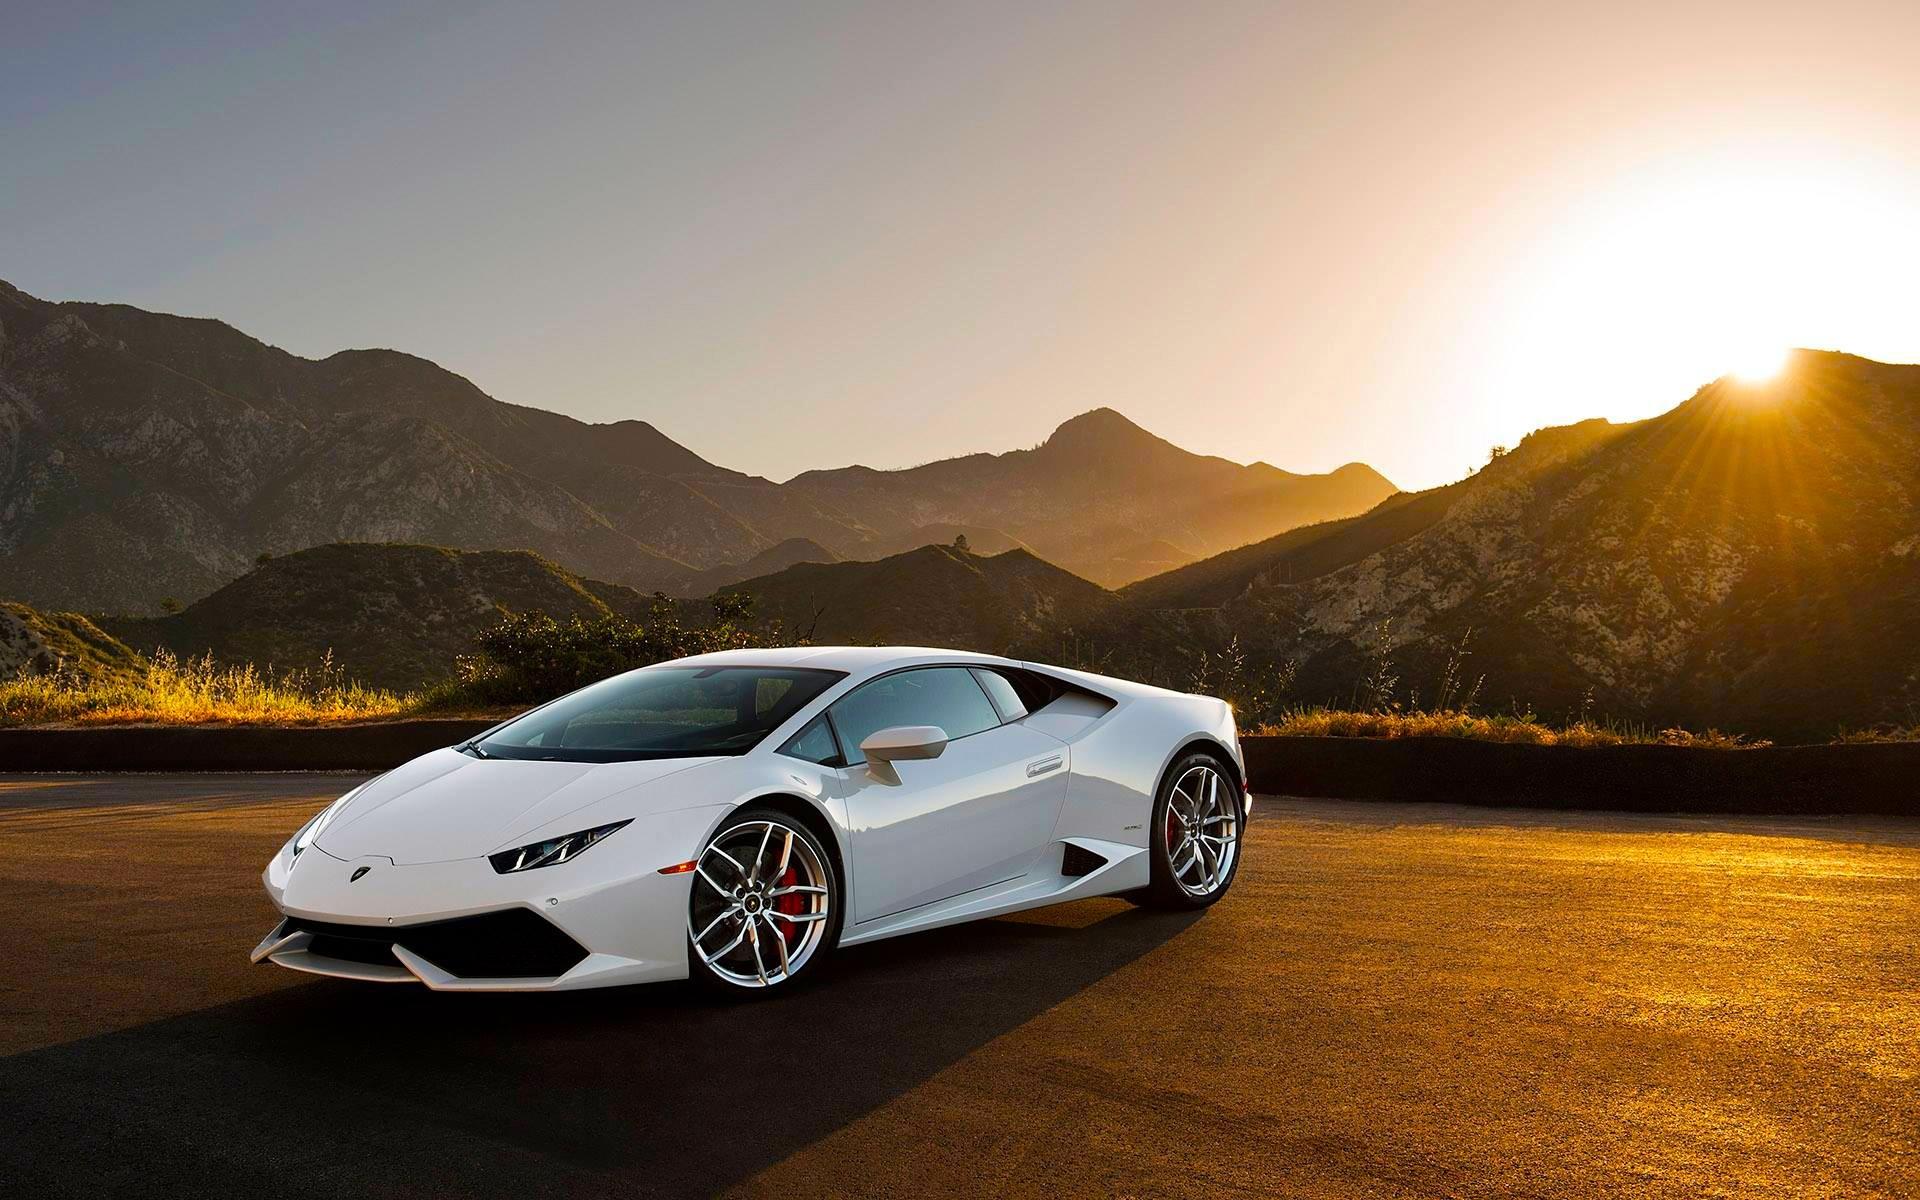 Bộ sưu tập siêu xe Lamboghini siêu đẹp